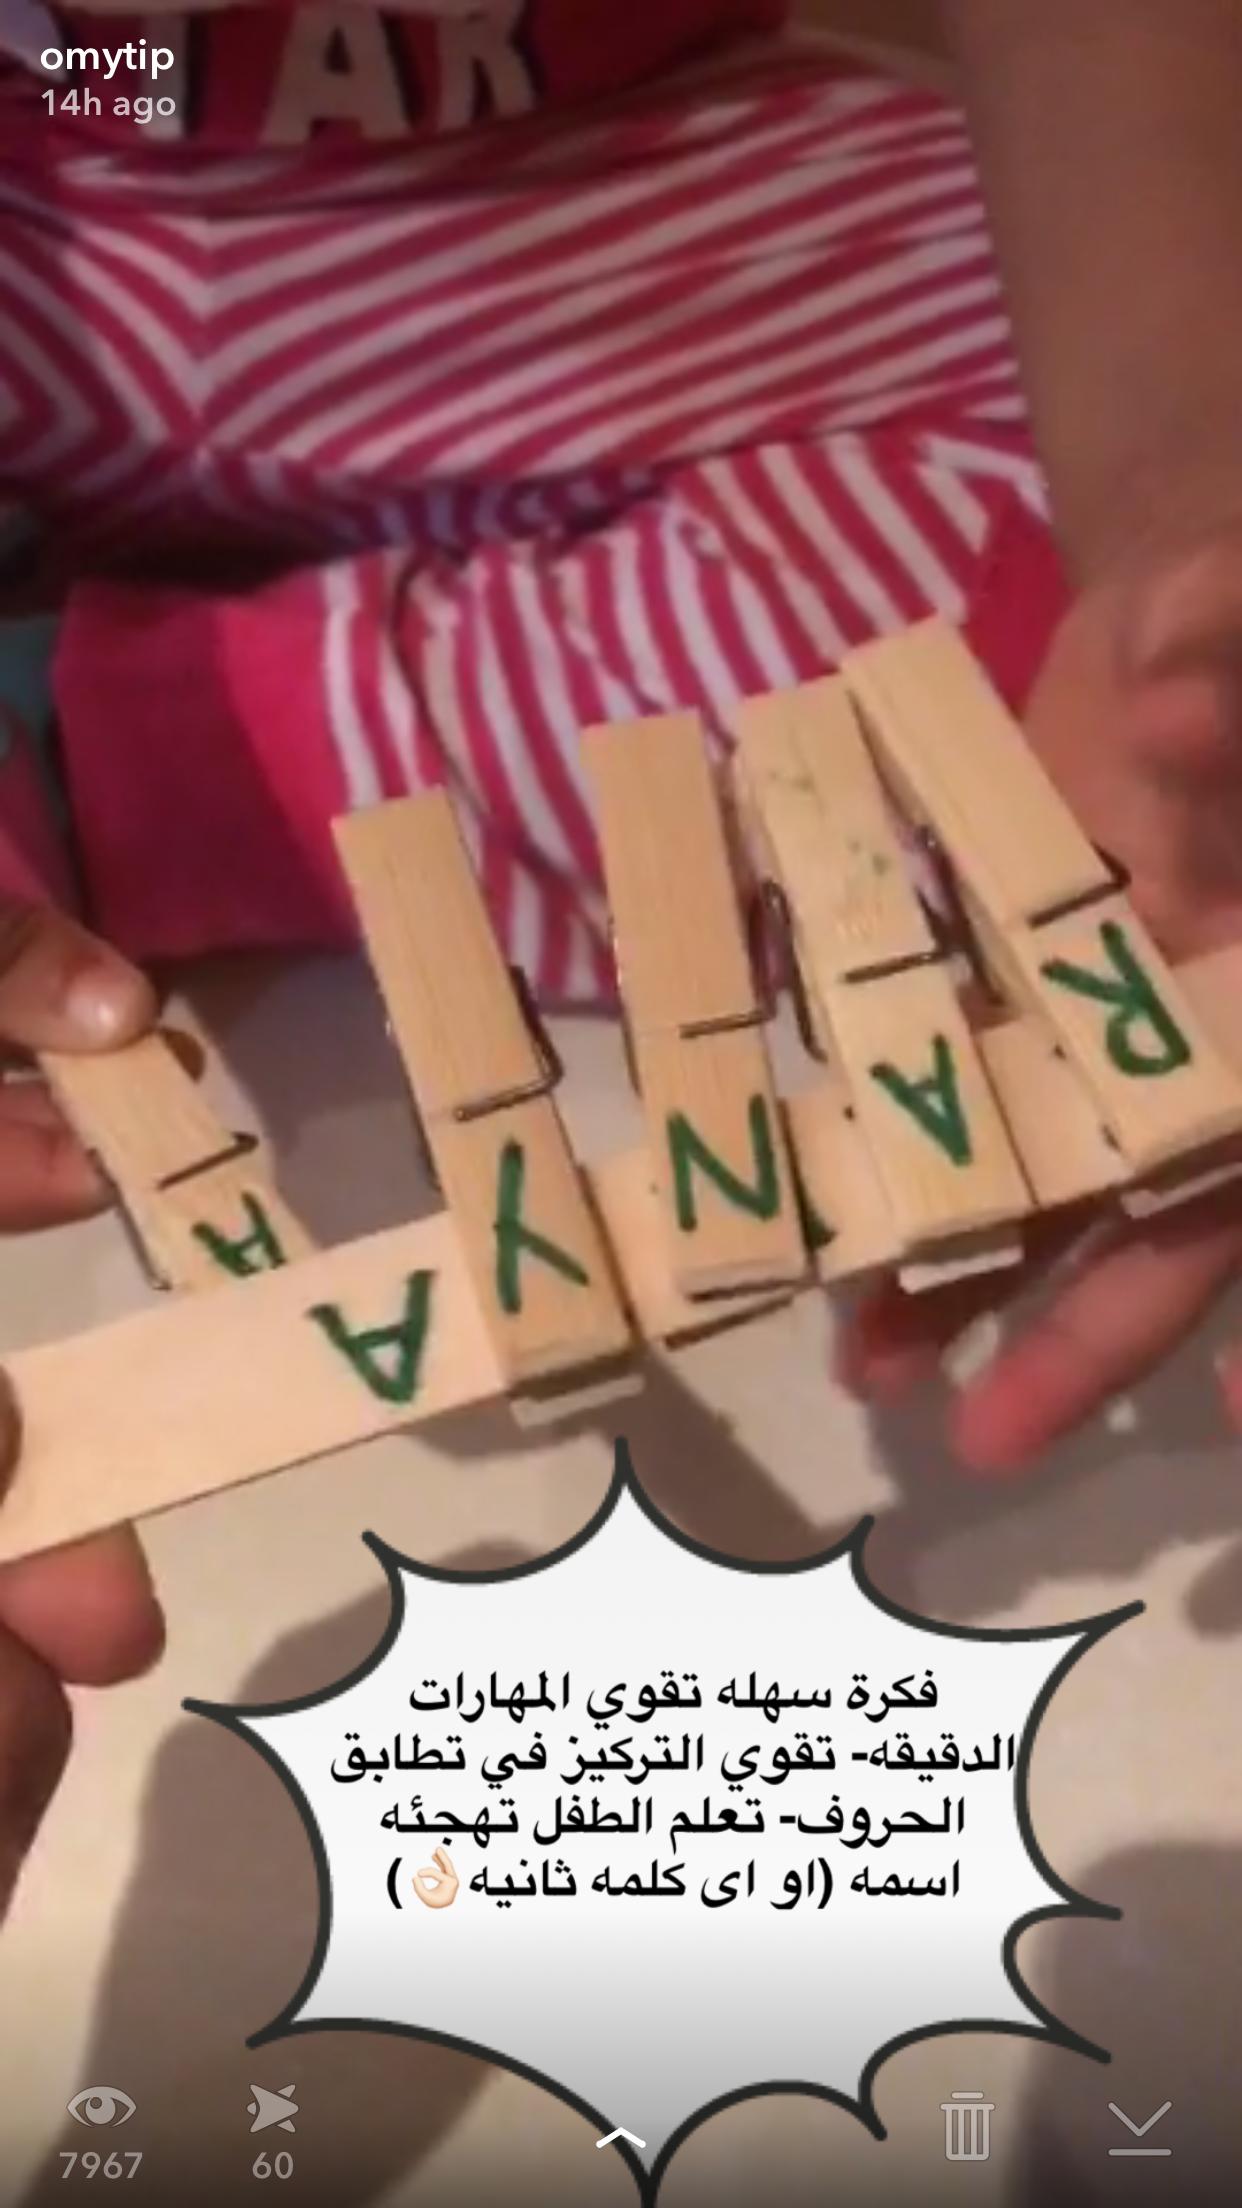 نشاط تطابق مناسب للاطفال فوق السنتين يمكن تطوير تبسيط النشاط حسب عمر الطفل ليشمل مطابقه الوان تهجئه كلمات او ترتيب الاشكا Mazes For Kids Kids Rugs Kids